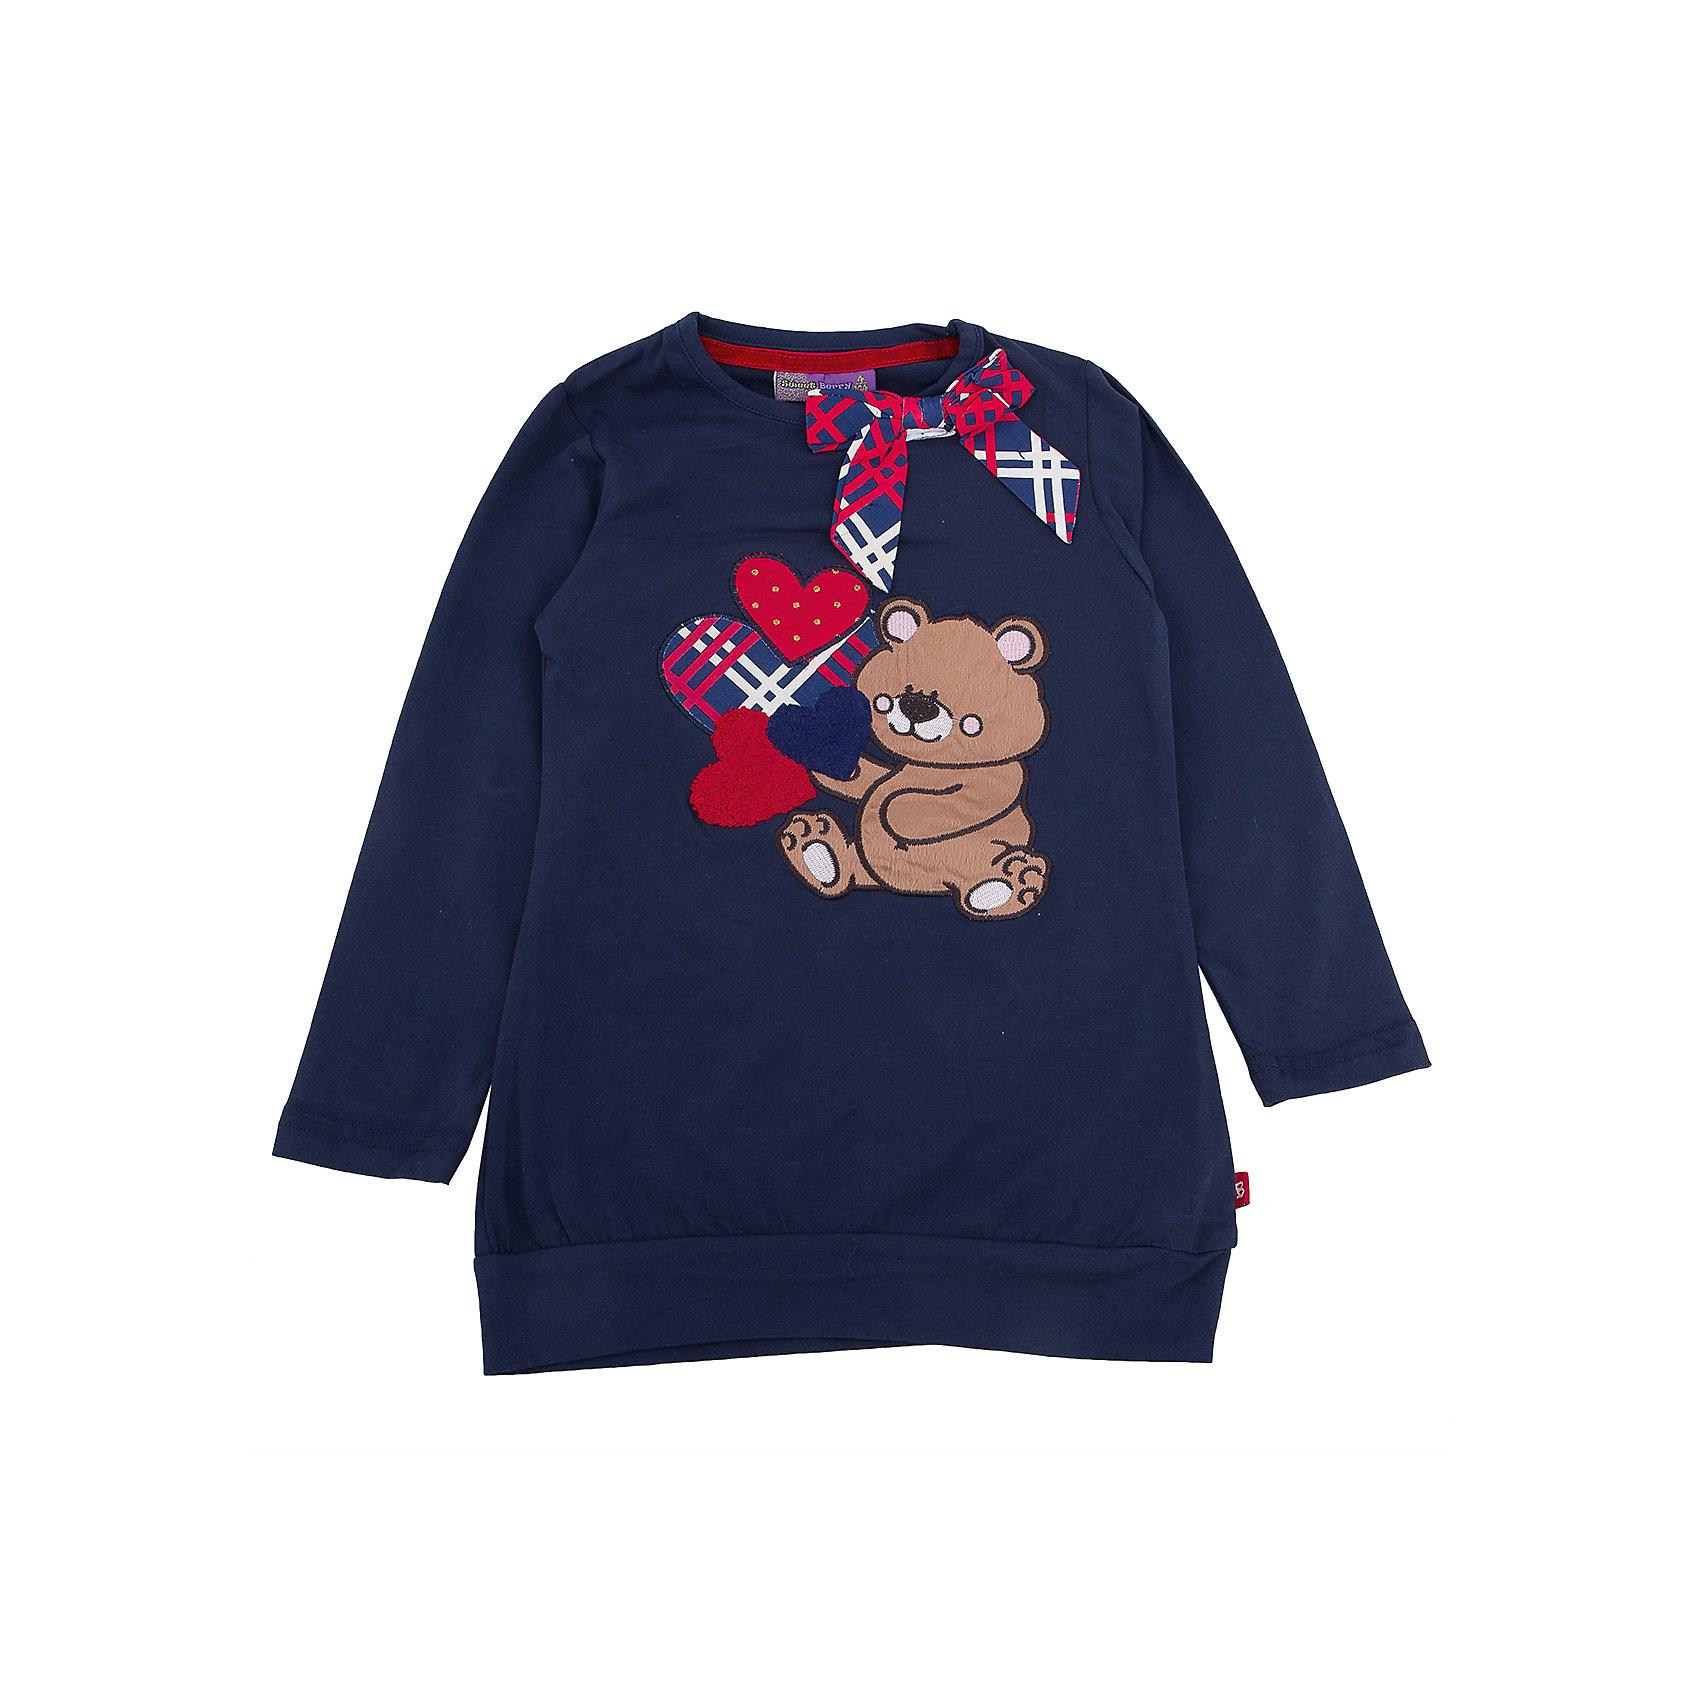 Футболка с длинным рукавом для девочки Sweet BerryФутболка с длинным рукавом – модная вещь, которая способна одновременно создать стильный образ и защитить от осенних холодов маленького ребенка. Симпатичная аппликация с бантом – особенность модели из новой коллекции. Насыщенный цвет, не теряющий сочность со временем, приятная к телу ткань и модный принт образуют уникальную футболку для девочки. Универсальный крой поможет создать множество образов. Материалы, использованные при изготовлении одежды, полностью безопасны для детей и отвечают всем требованиям по качеству продукции данной категории.<br><br>Дополнительная информация: <br><br>аппликация с бантом;<br>прямой силуэт;<br>цвет: синий;<br>материал: хлопок 95%, эластан 5%.<br><br>Футболку с длинным рукавом для девочки от компании Sweet Berry можно приобрести в нашем магазине.<br><br>Ширина мм: 230<br>Глубина мм: 40<br>Высота мм: 220<br>Вес г: 250<br>Цвет: синий<br>Возраст от месяцев: 72<br>Возраст до месяцев: 84<br>Пол: Женский<br>Возраст: Детский<br>Размер: 122,98,104,110,116,128<br>SKU: 4932145